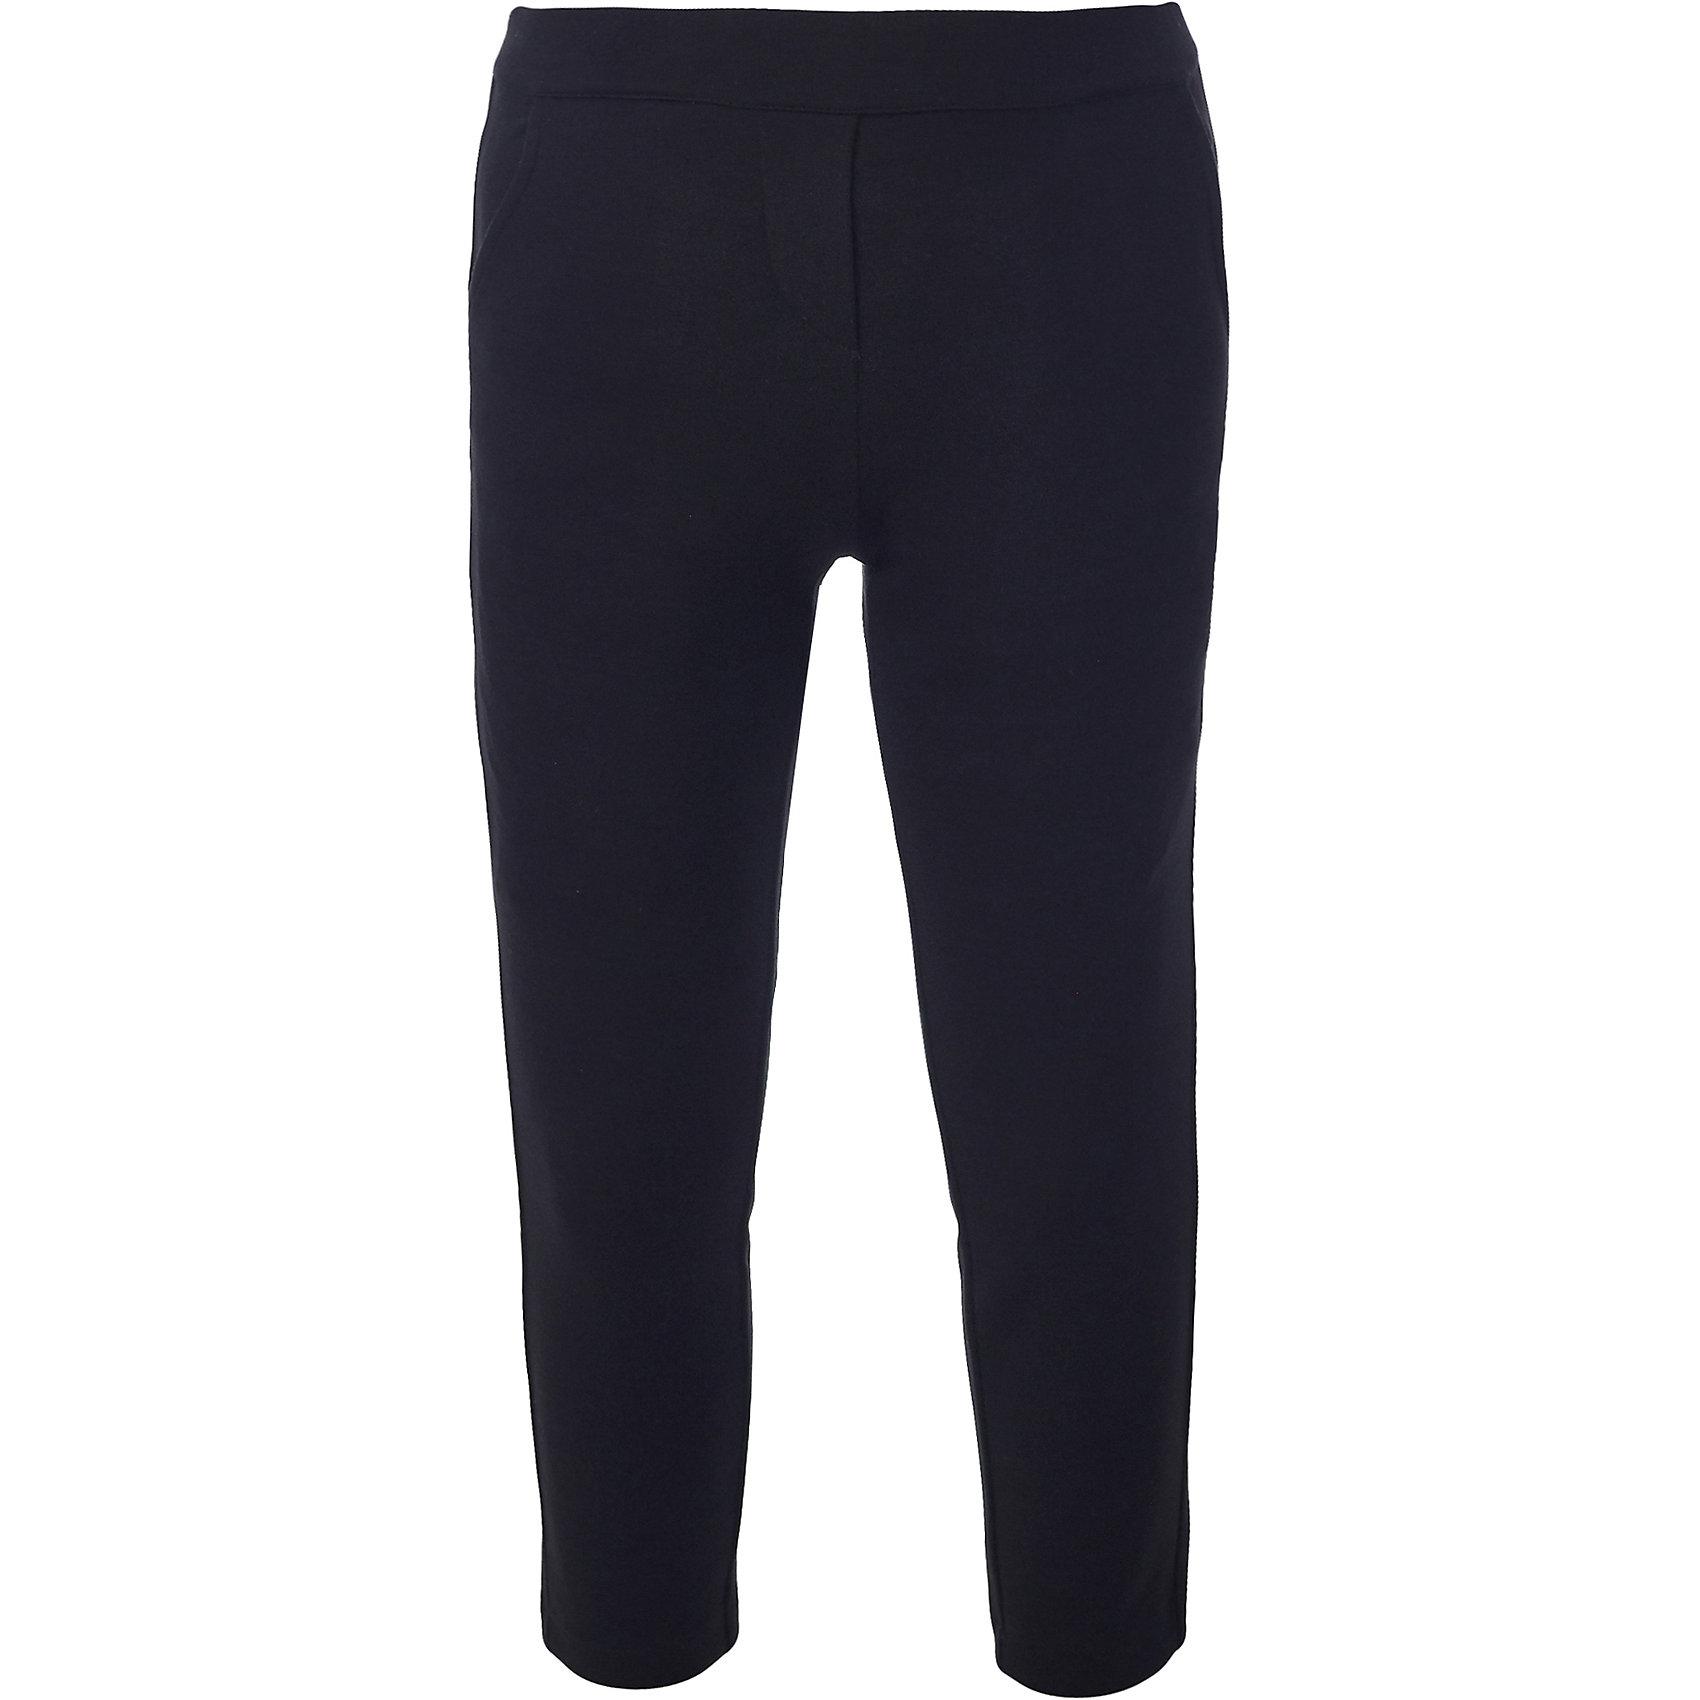 Брюки для девочки BUTTON BLUEБрюки<br>Брюки для девочки BUTTON BLUE<br>Какие брюки для девочек станут основой школьного гардероба? Те, кто уже носил брюки из плотного трикотажа знают: трикотажные школьные брюки - это элегантность, удобство и свобода движений. Купить черные школьные брюки от Button Blue, значит, обеспечить ребенку повседневный комфорт.<br>Состав:<br>75% полиэстер, 21% вискоза,             4% эластан<br><br>Ширина мм: 215<br>Глубина мм: 88<br>Высота мм: 191<br>Вес г: 336<br>Цвет: черный<br>Возраст от месяцев: 156<br>Возраст до месяцев: 168<br>Пол: Женский<br>Возраст: Детский<br>Размер: 164,122,128,134,140,146,152,158<br>SKU: 6739456